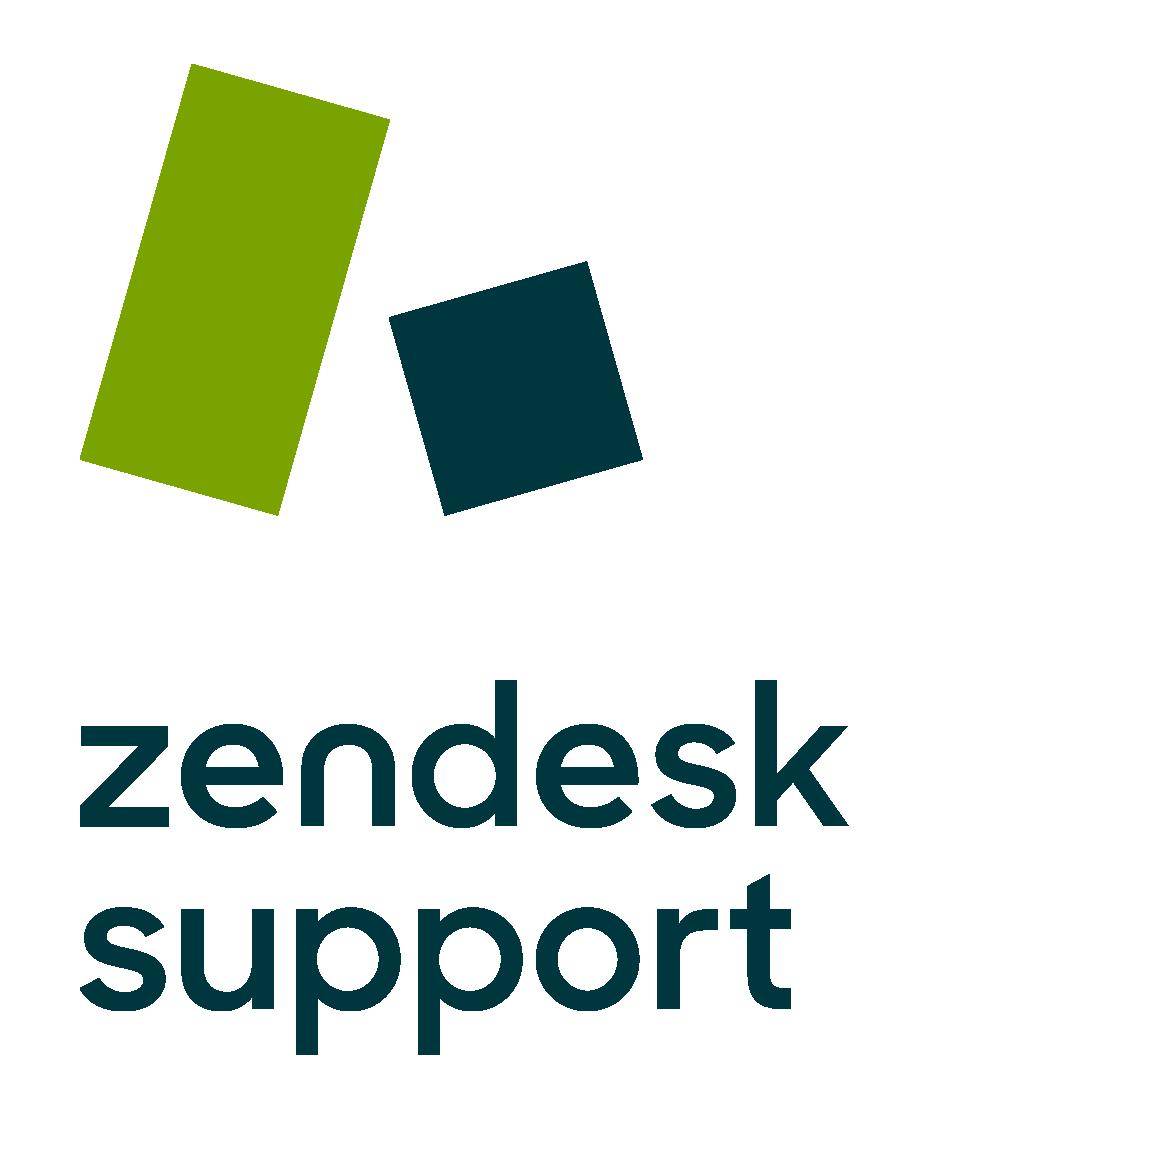 Premium Plus — Zendesk